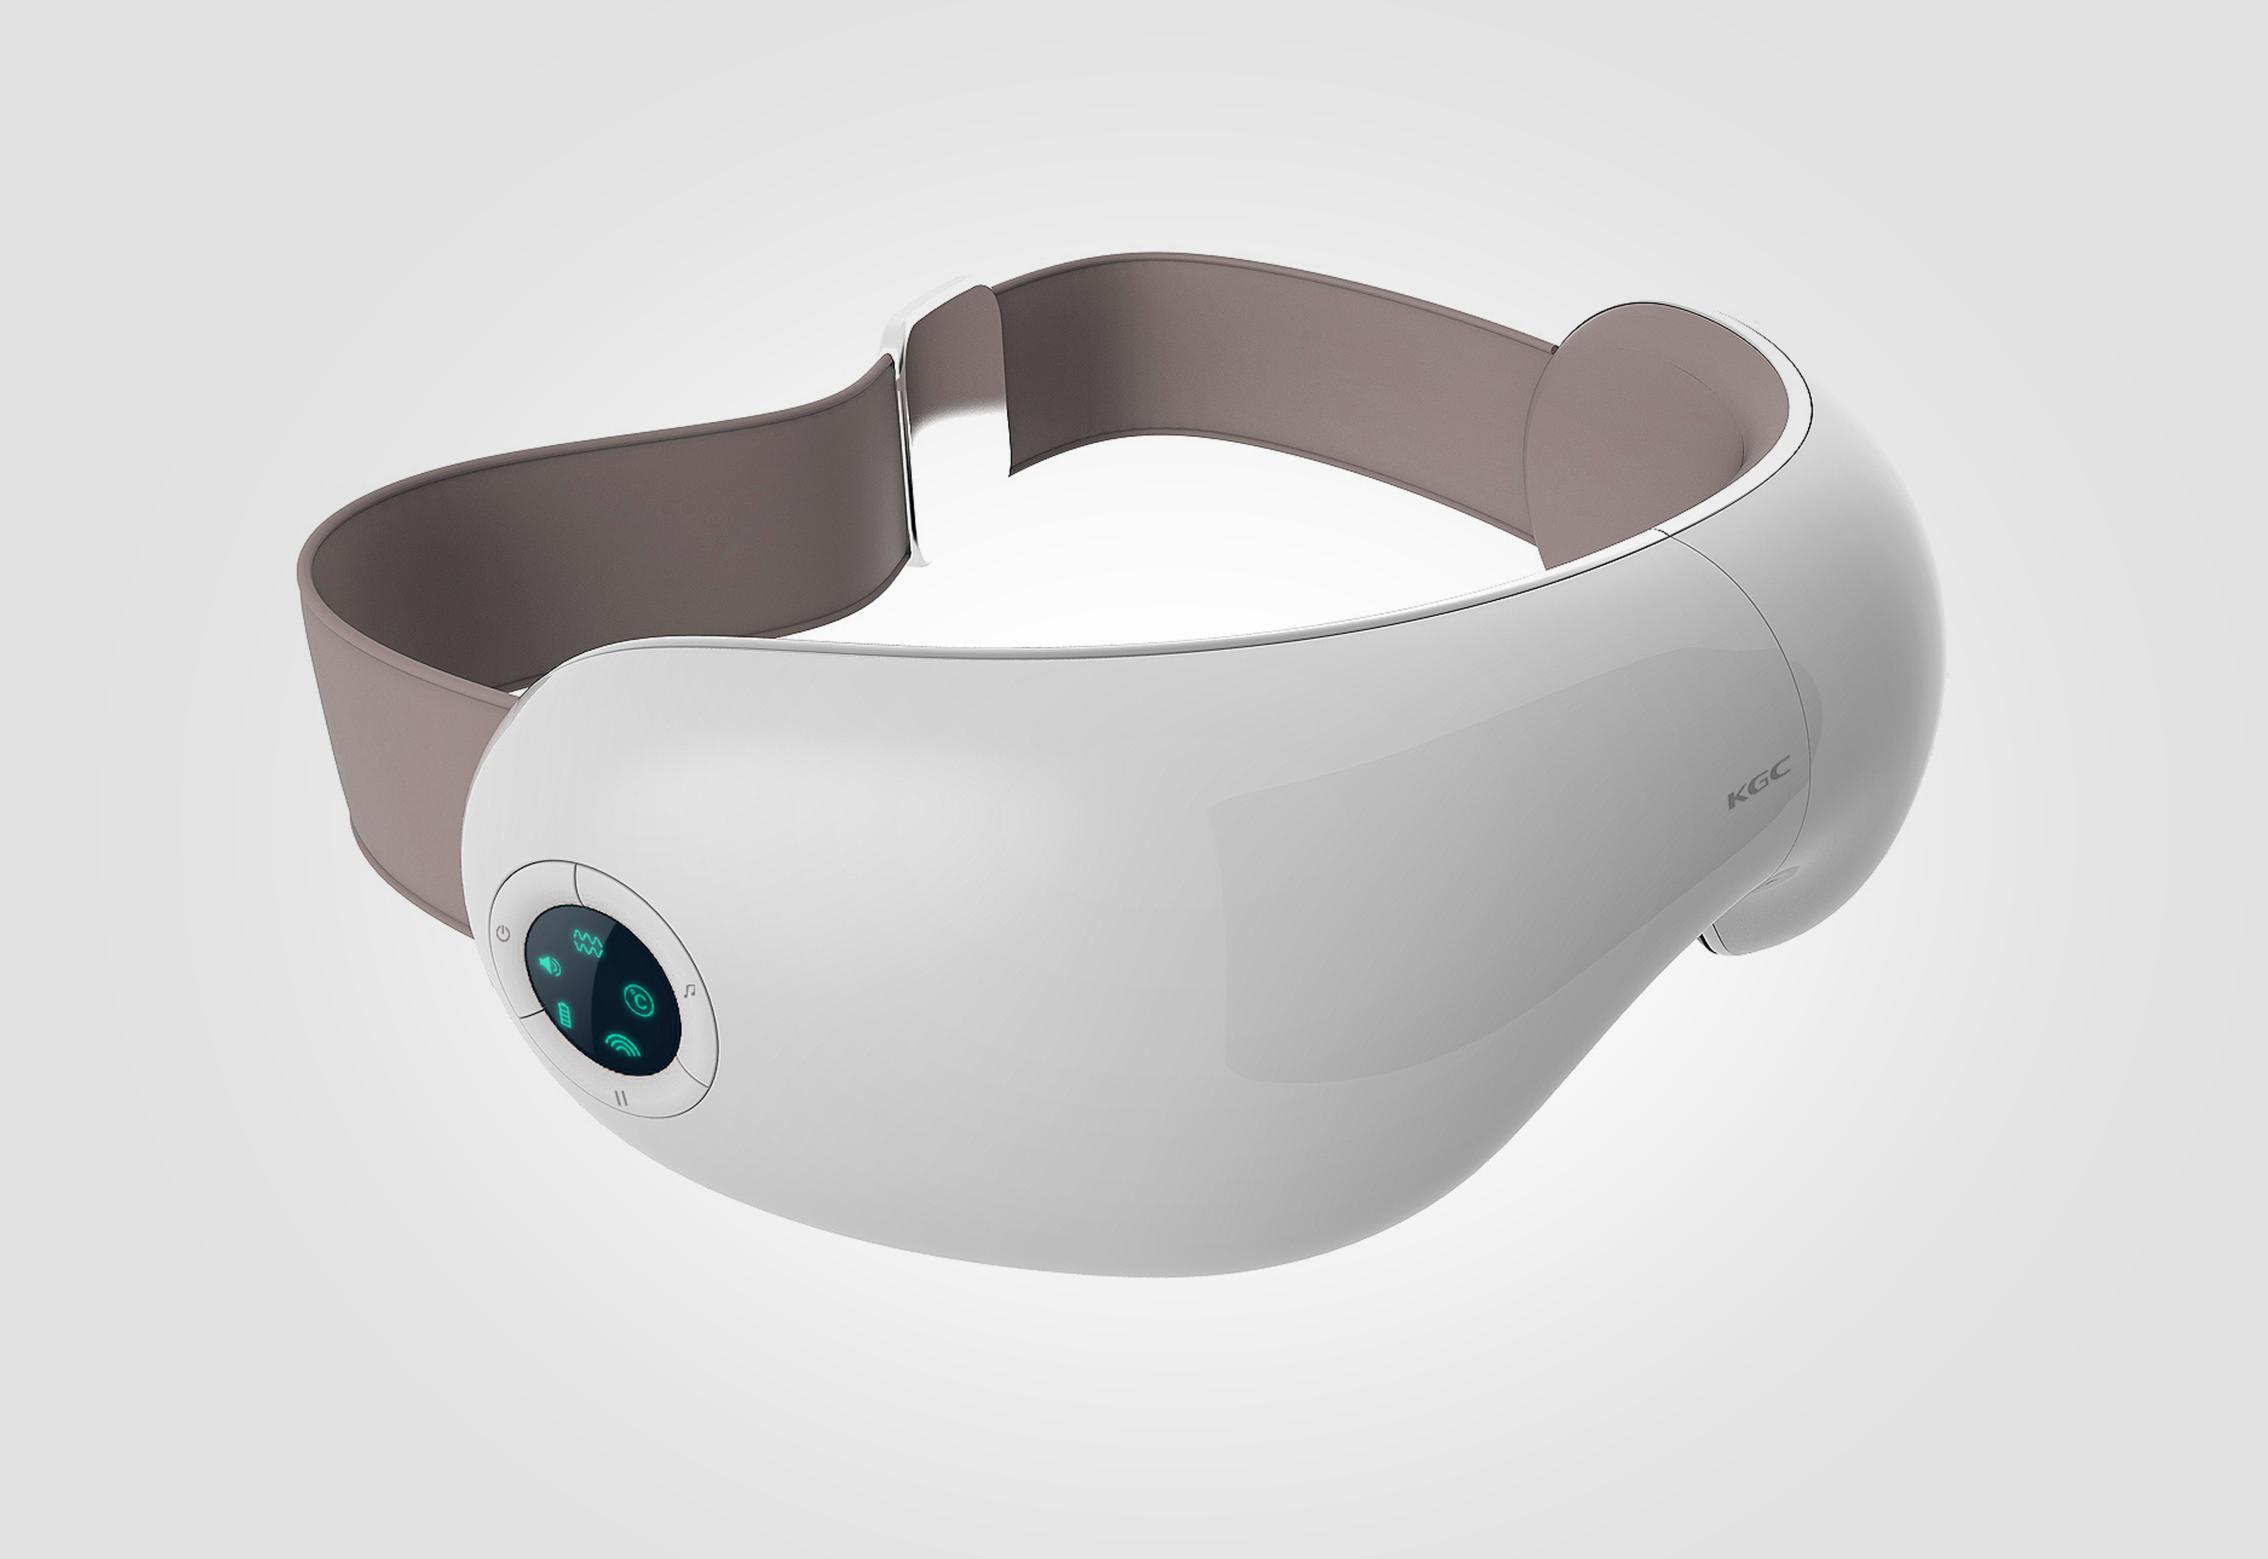 按摩眼镜设计-上海工业设计公司-即禾设计